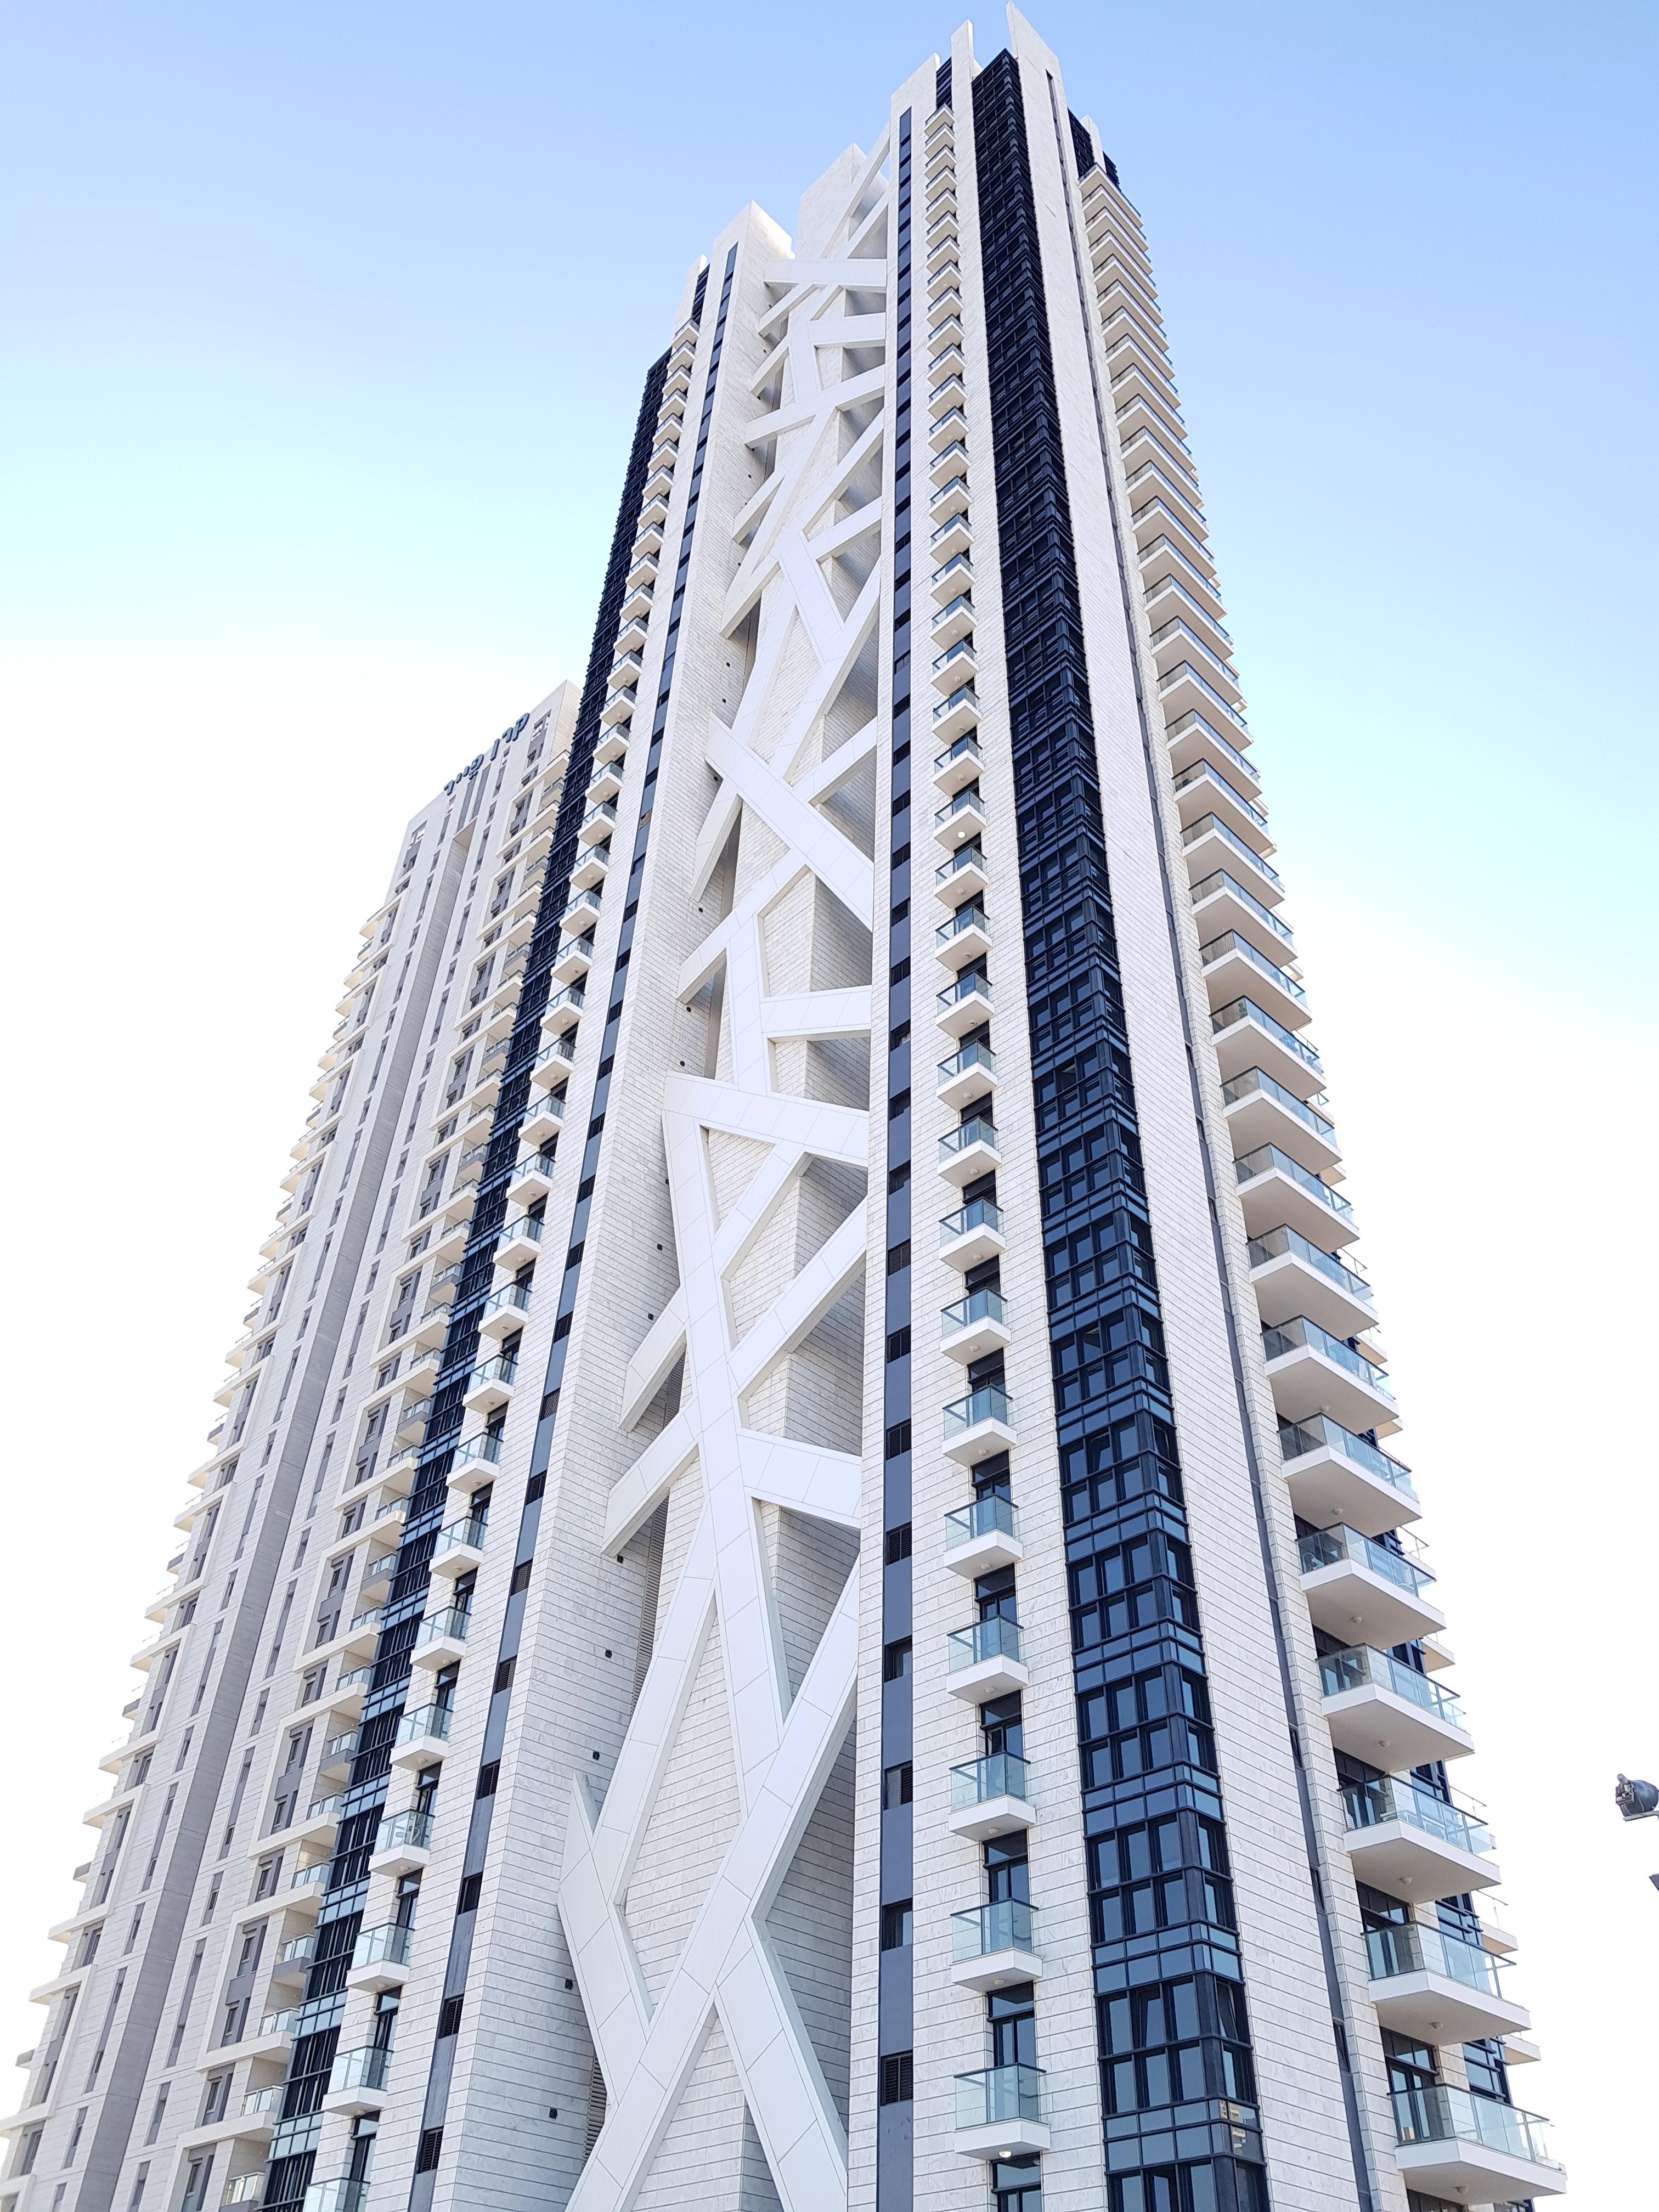 שונות ניהול נכסים בתל אביב | ניהול דירות למכירה בתל אביב | חברה לניהול UC-92